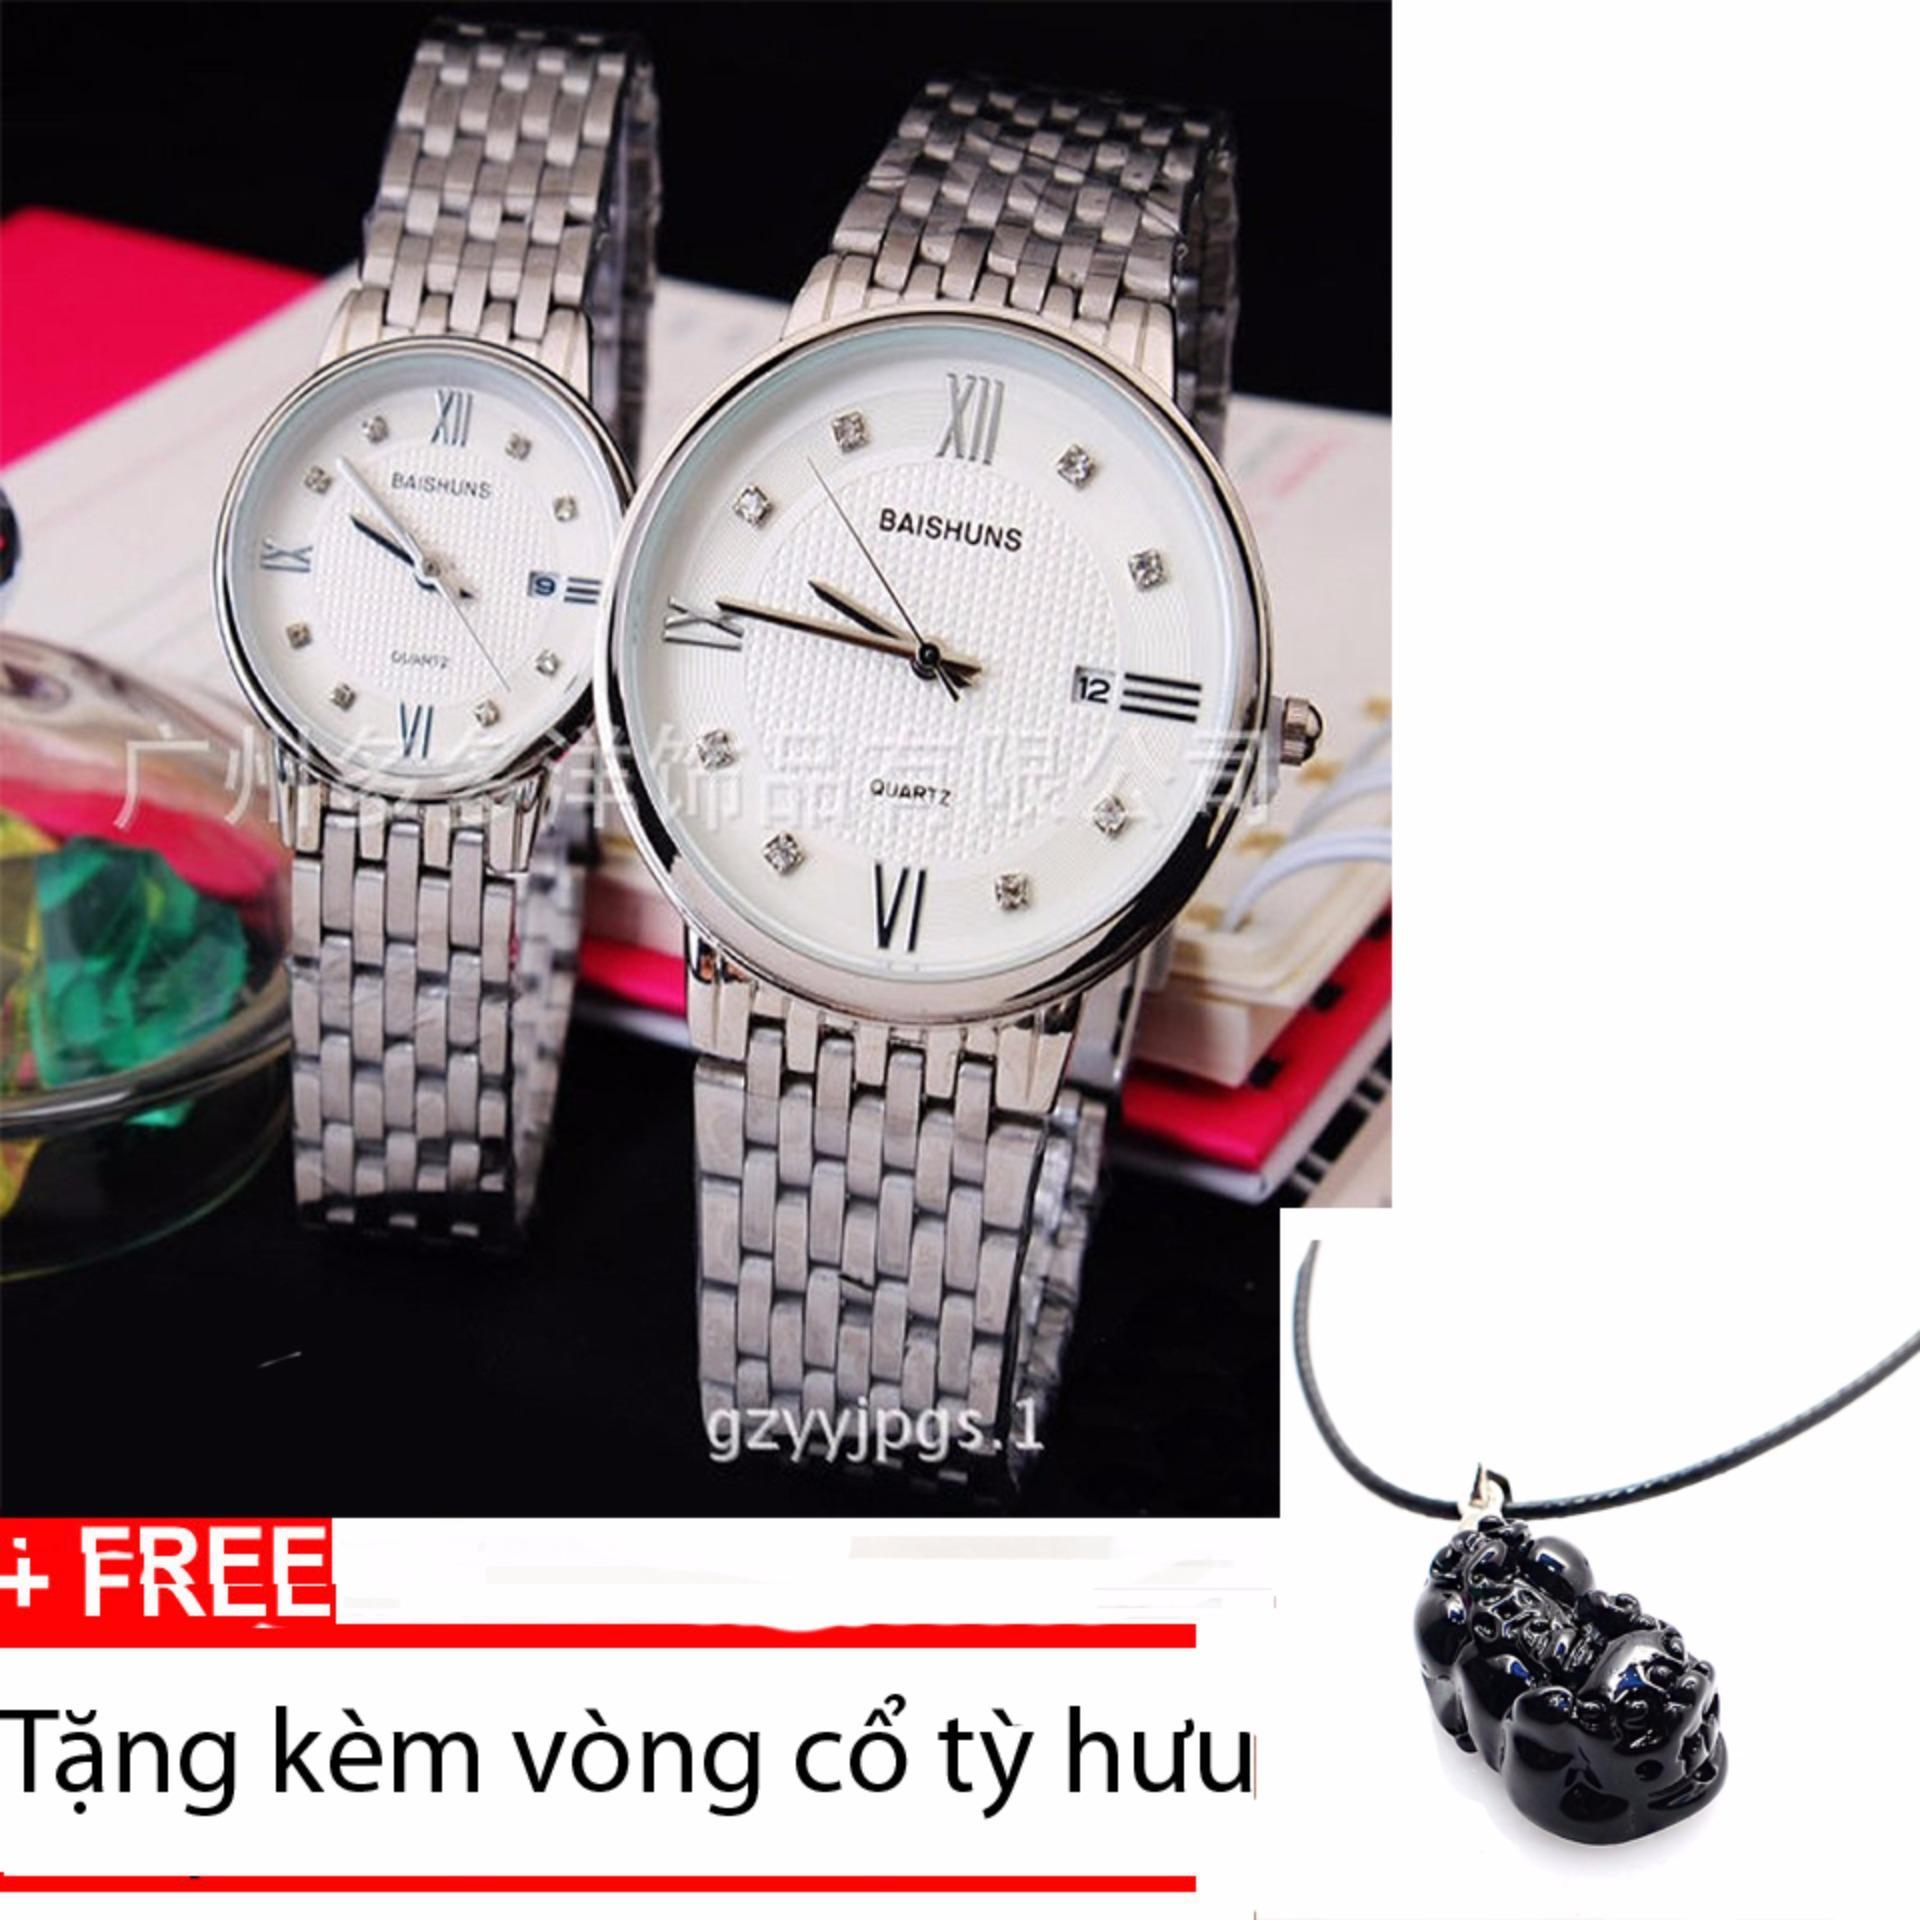 Đồng hồ ĐÔI dây inox cao cấp BAISHUNS DBA98 +Tặng kèm vòng cổ tỳ hưu